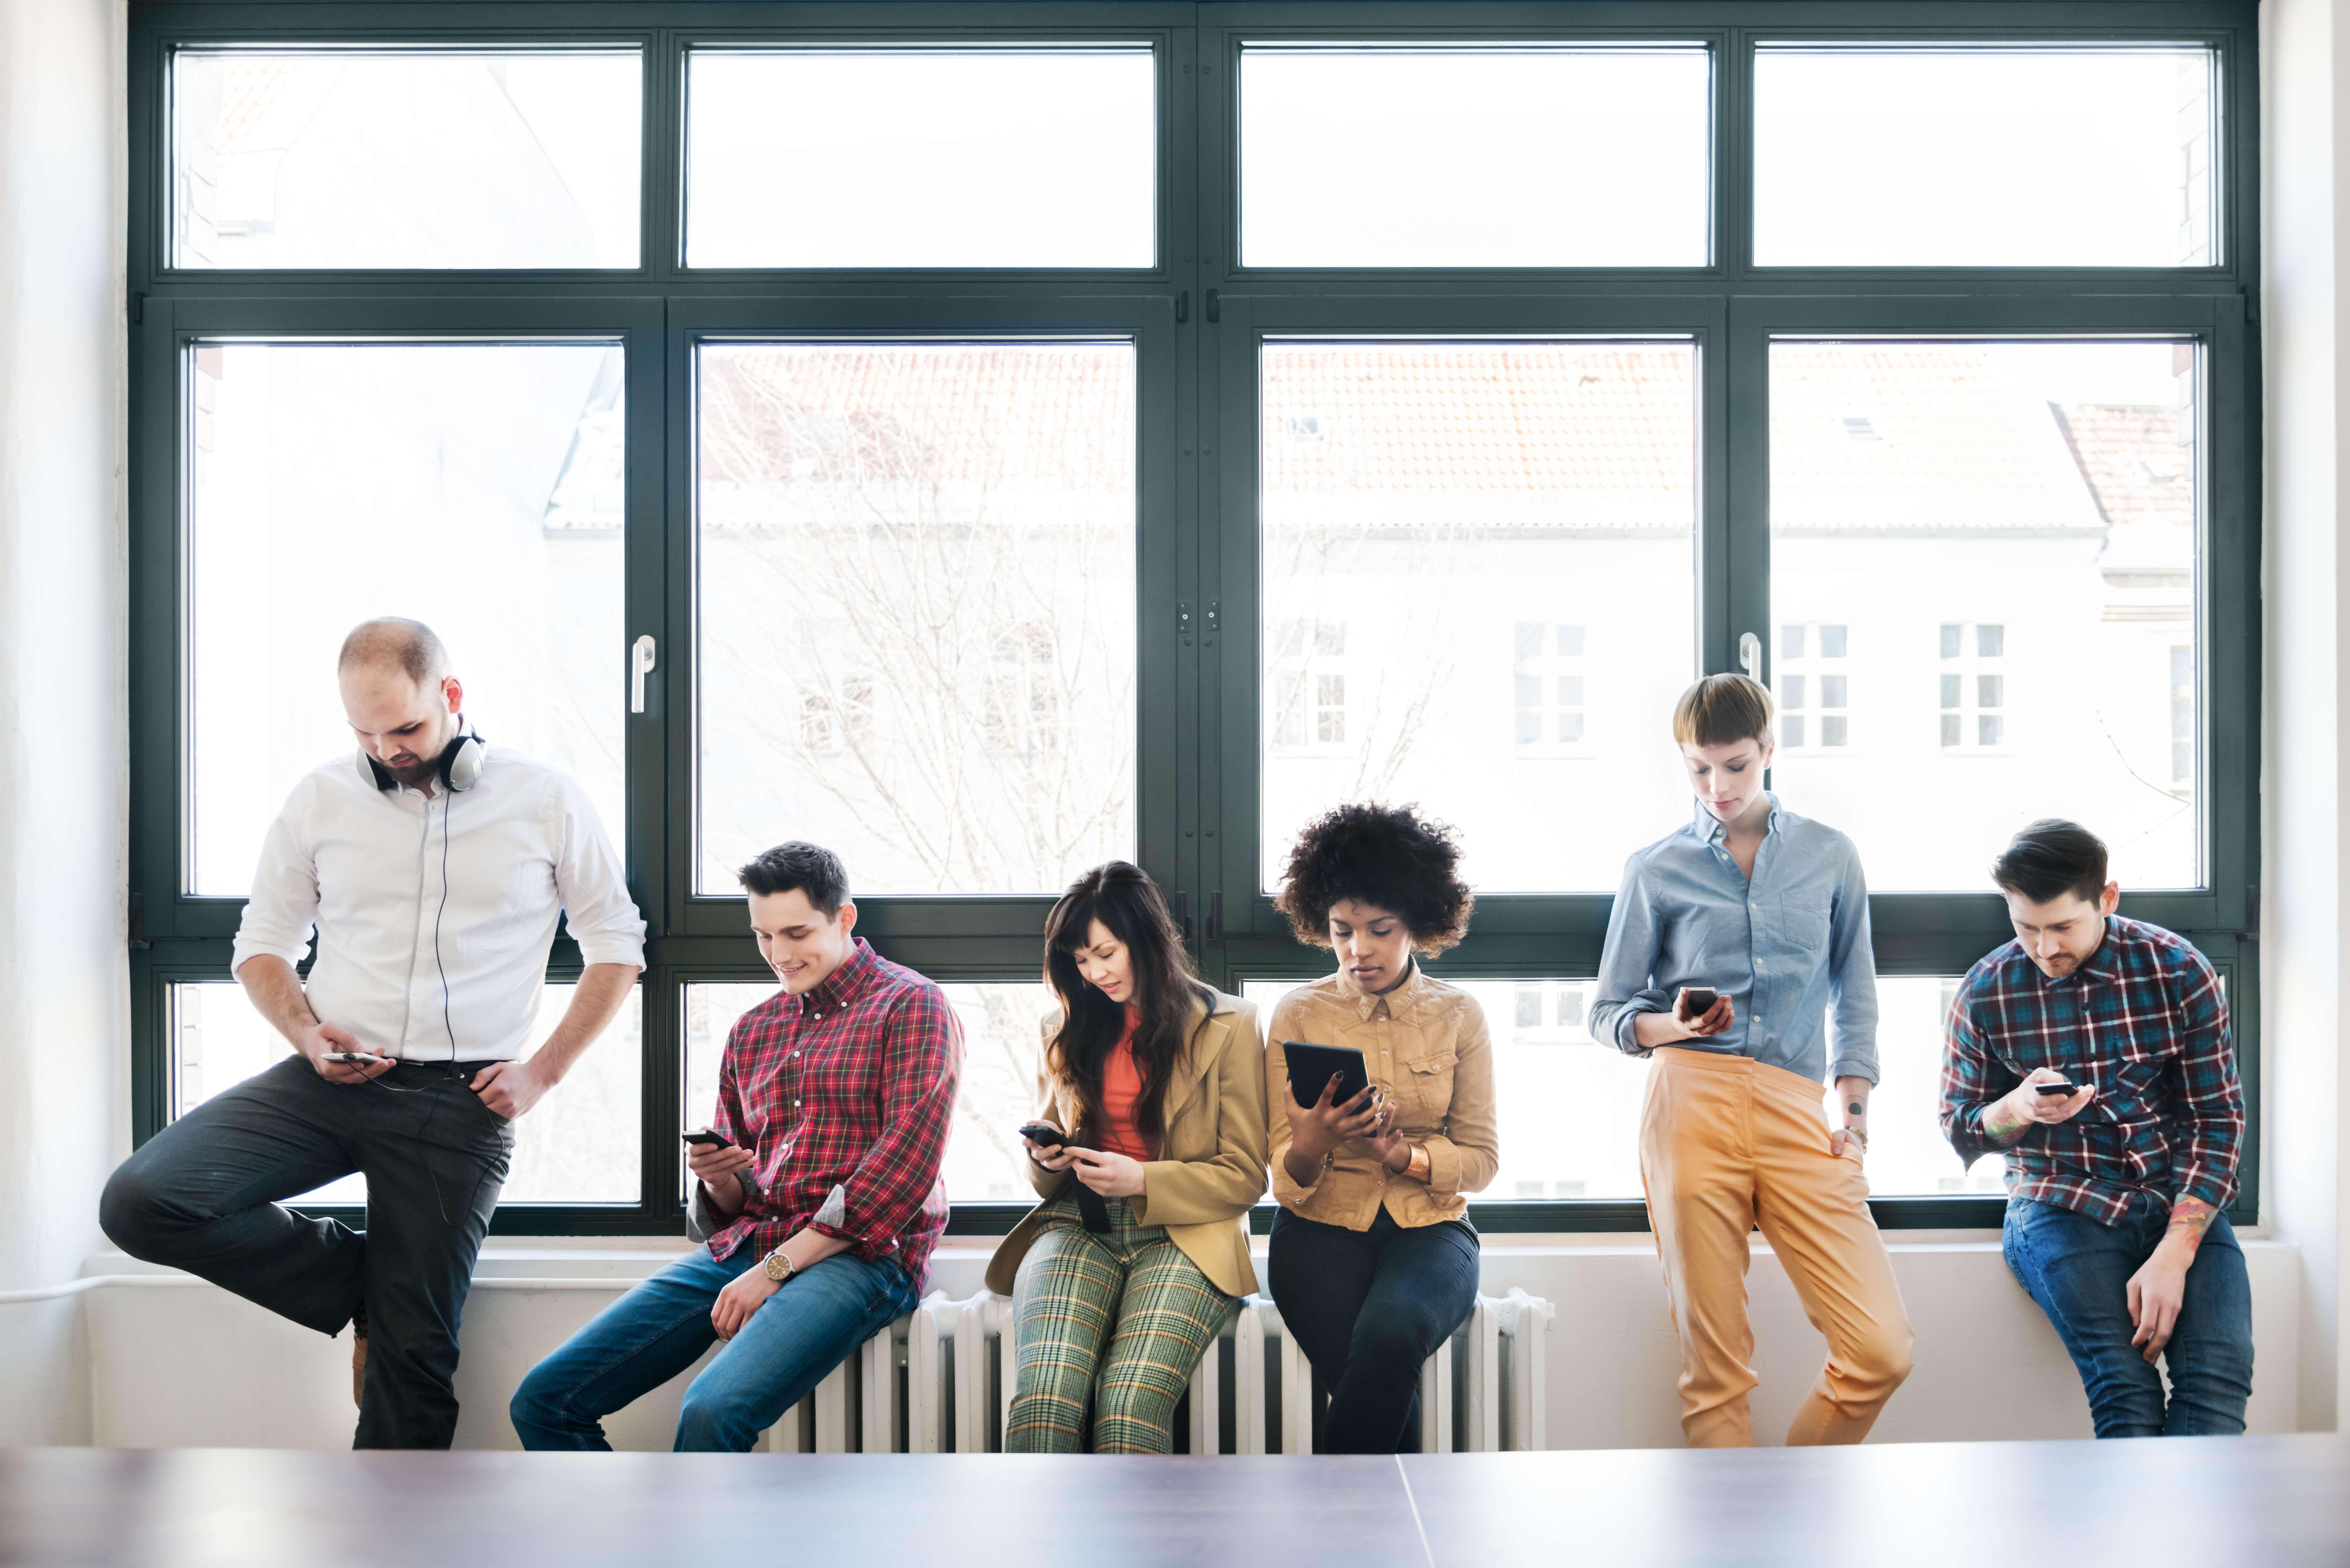 Opinião | Mobile learning e a capacitação em larga escala